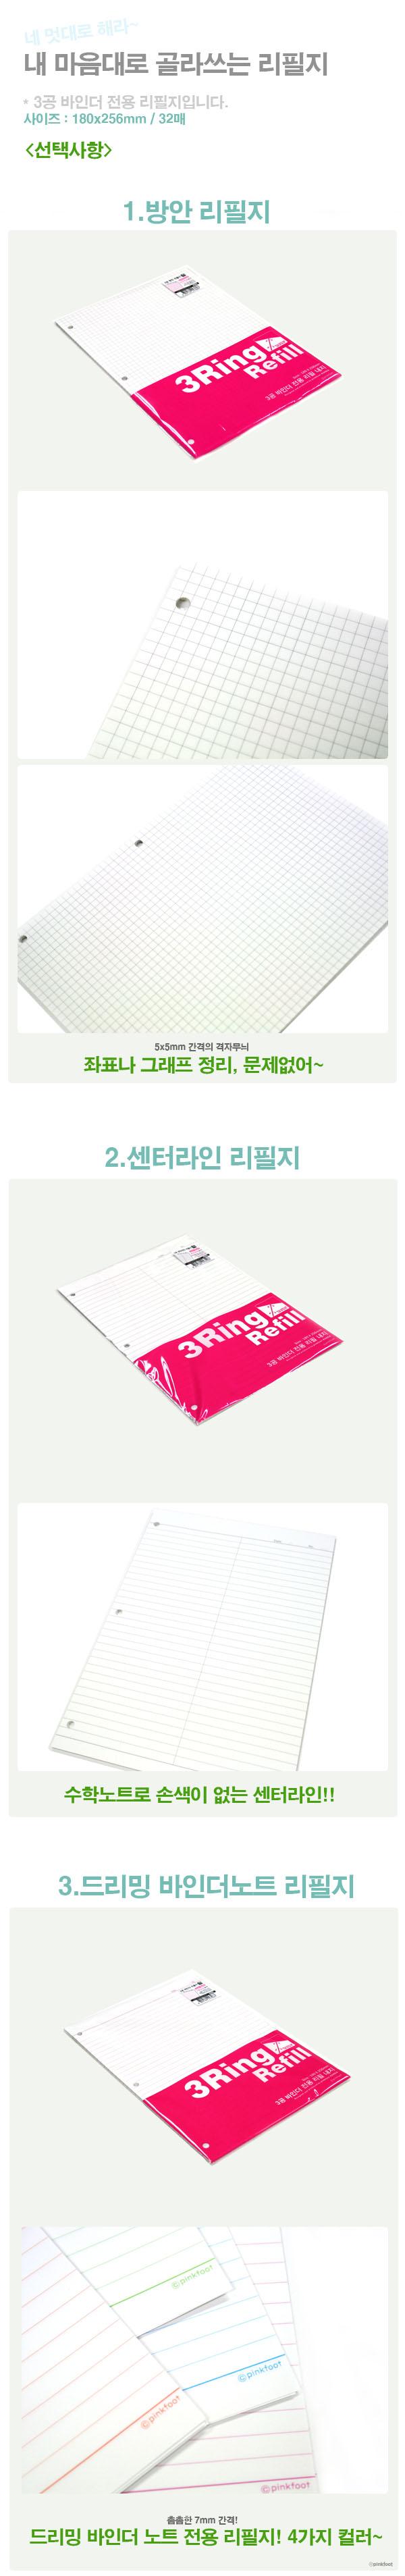 1000 3공바인더리필지 - 핑크풋, 1,000원, 기능성노트, 바인더노트